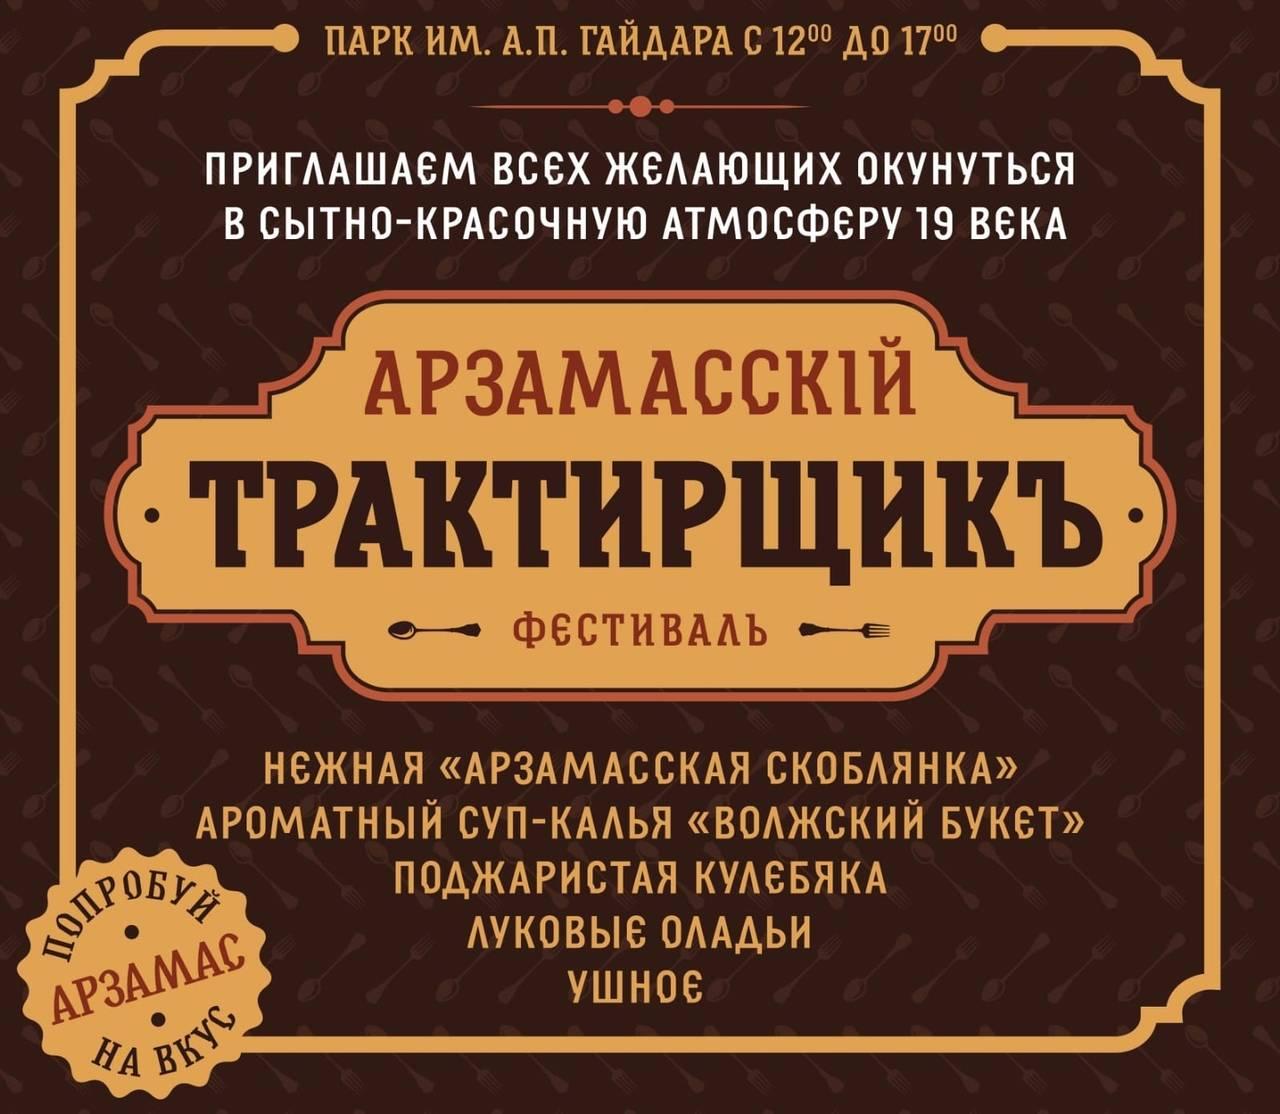 Гастрономический фестиваль «Арзамасский трактирщик» впервые пройдет на Серафимовой земле 2 октября